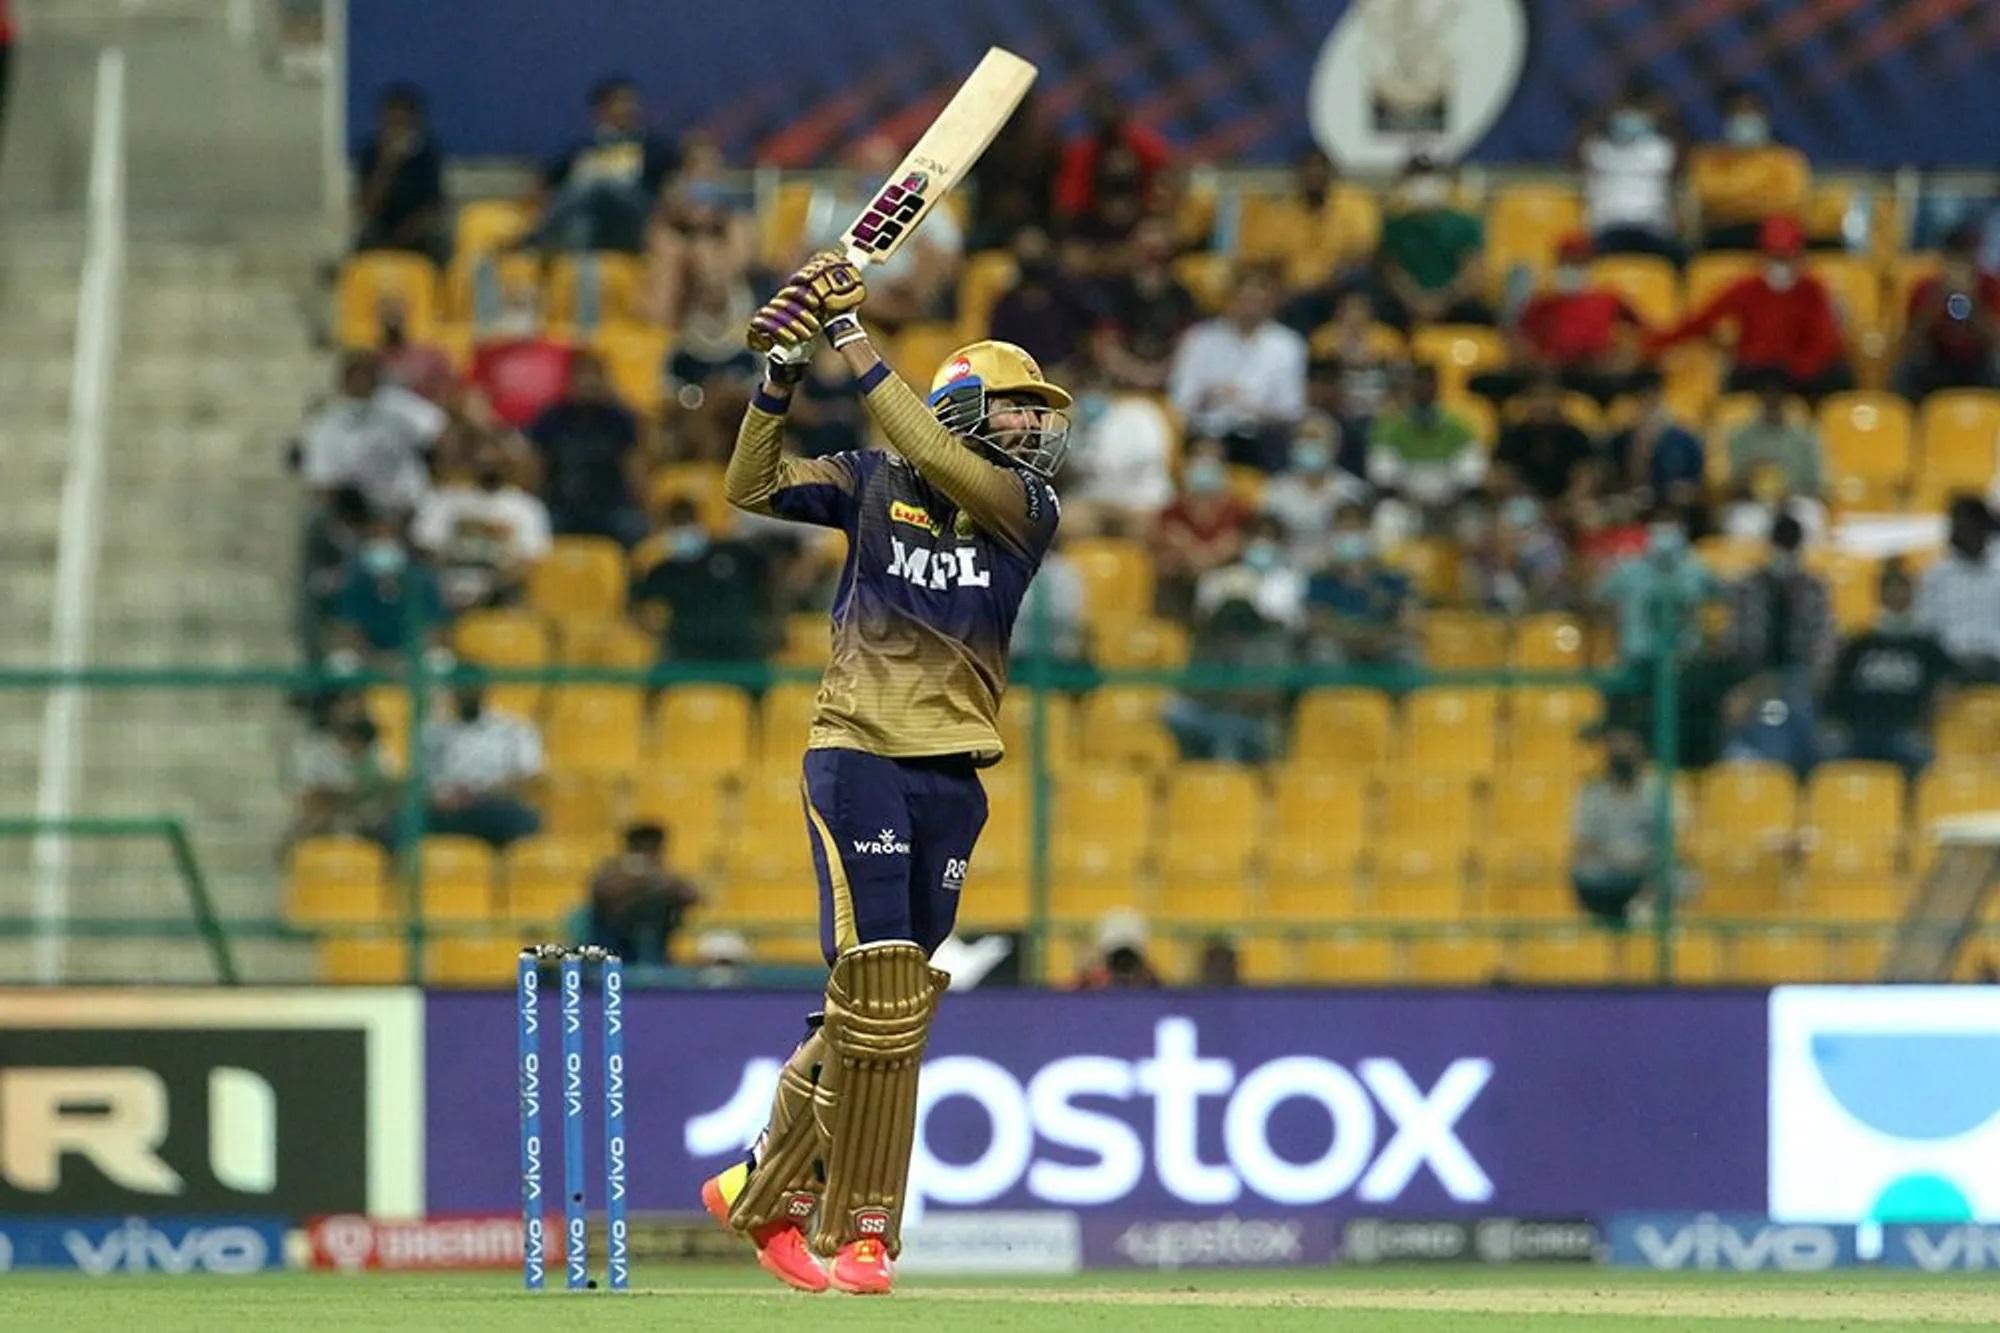 KKR की बैंटिंग की शुरुआत करने शुभमन गिल के साथ आए डेब्यू करने वाले खिलाड़ी वेंकटेश अय्यर। वो तेजी से रन बनाने के मूड में थे। तीसरा ओवर सिराज लेकर आए तो वो हर गेंद पर बड़े शॉट ट्राई कर रहे थे। लेकिन सिराज ने उन्हें 6 की 6 गेंद खिला दी और रन दिए सिर्फ 2।